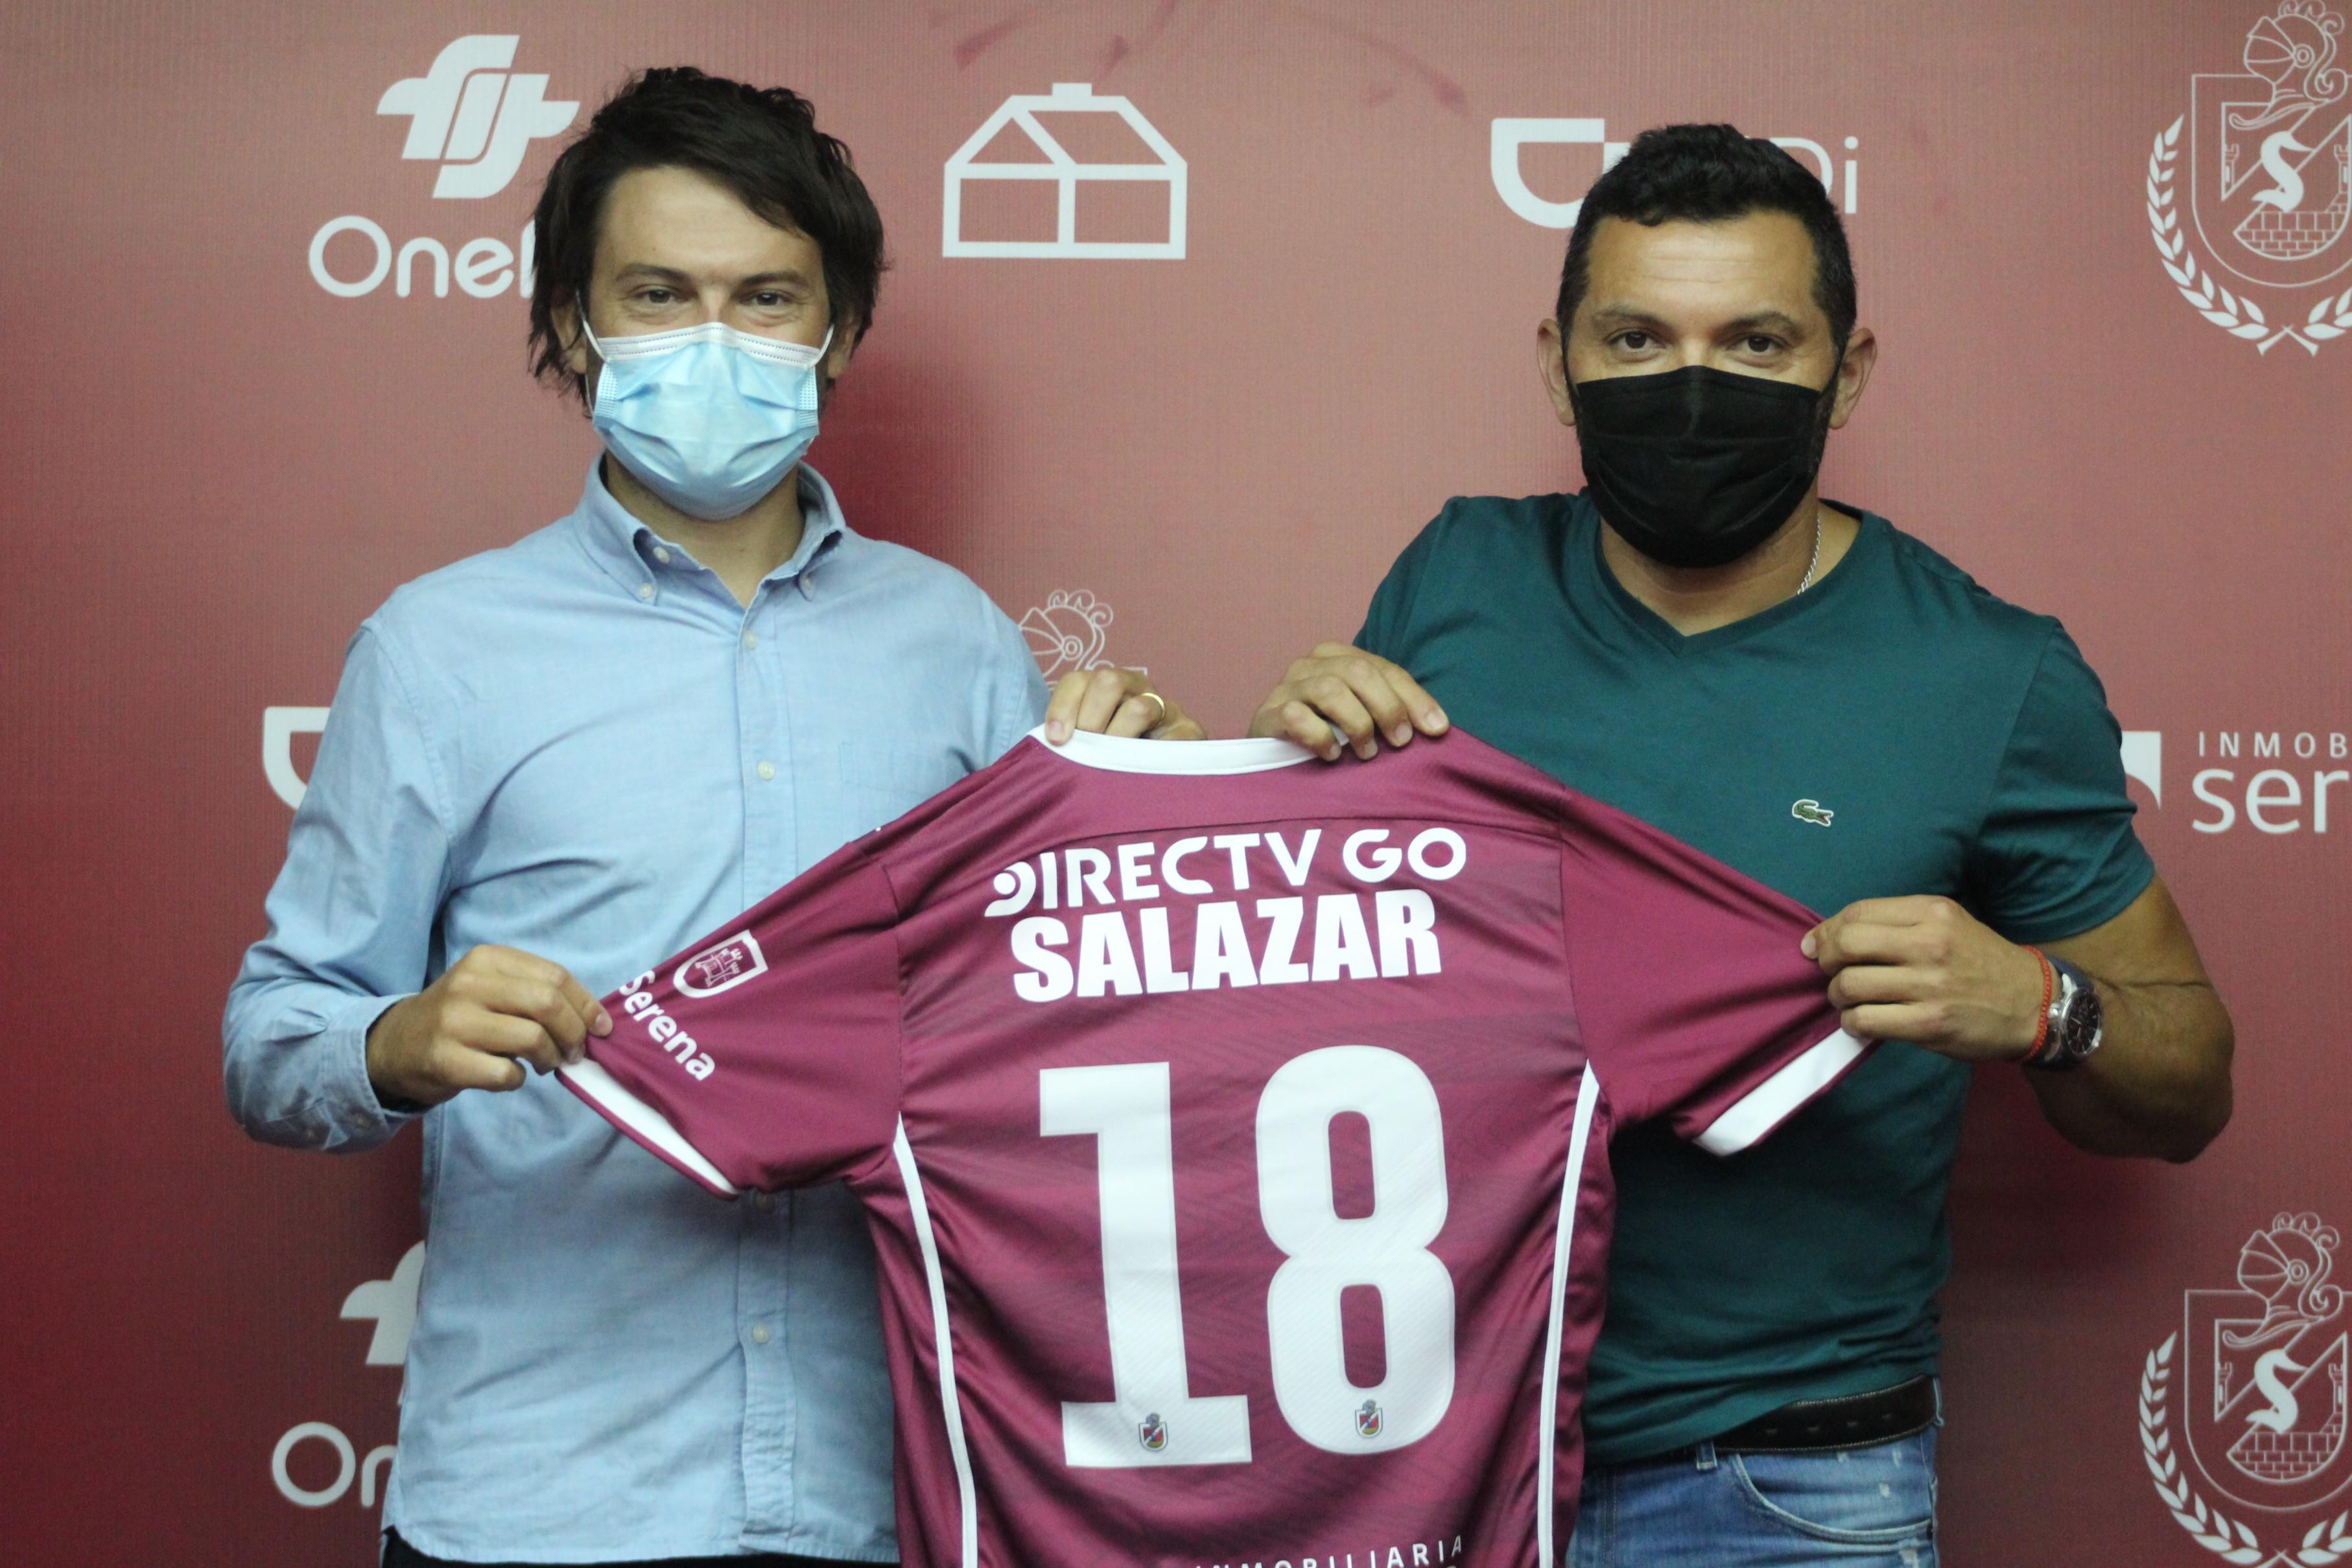 Deportes La Serena presentó a Mauricio Salazar como líder del Fútbol Joven